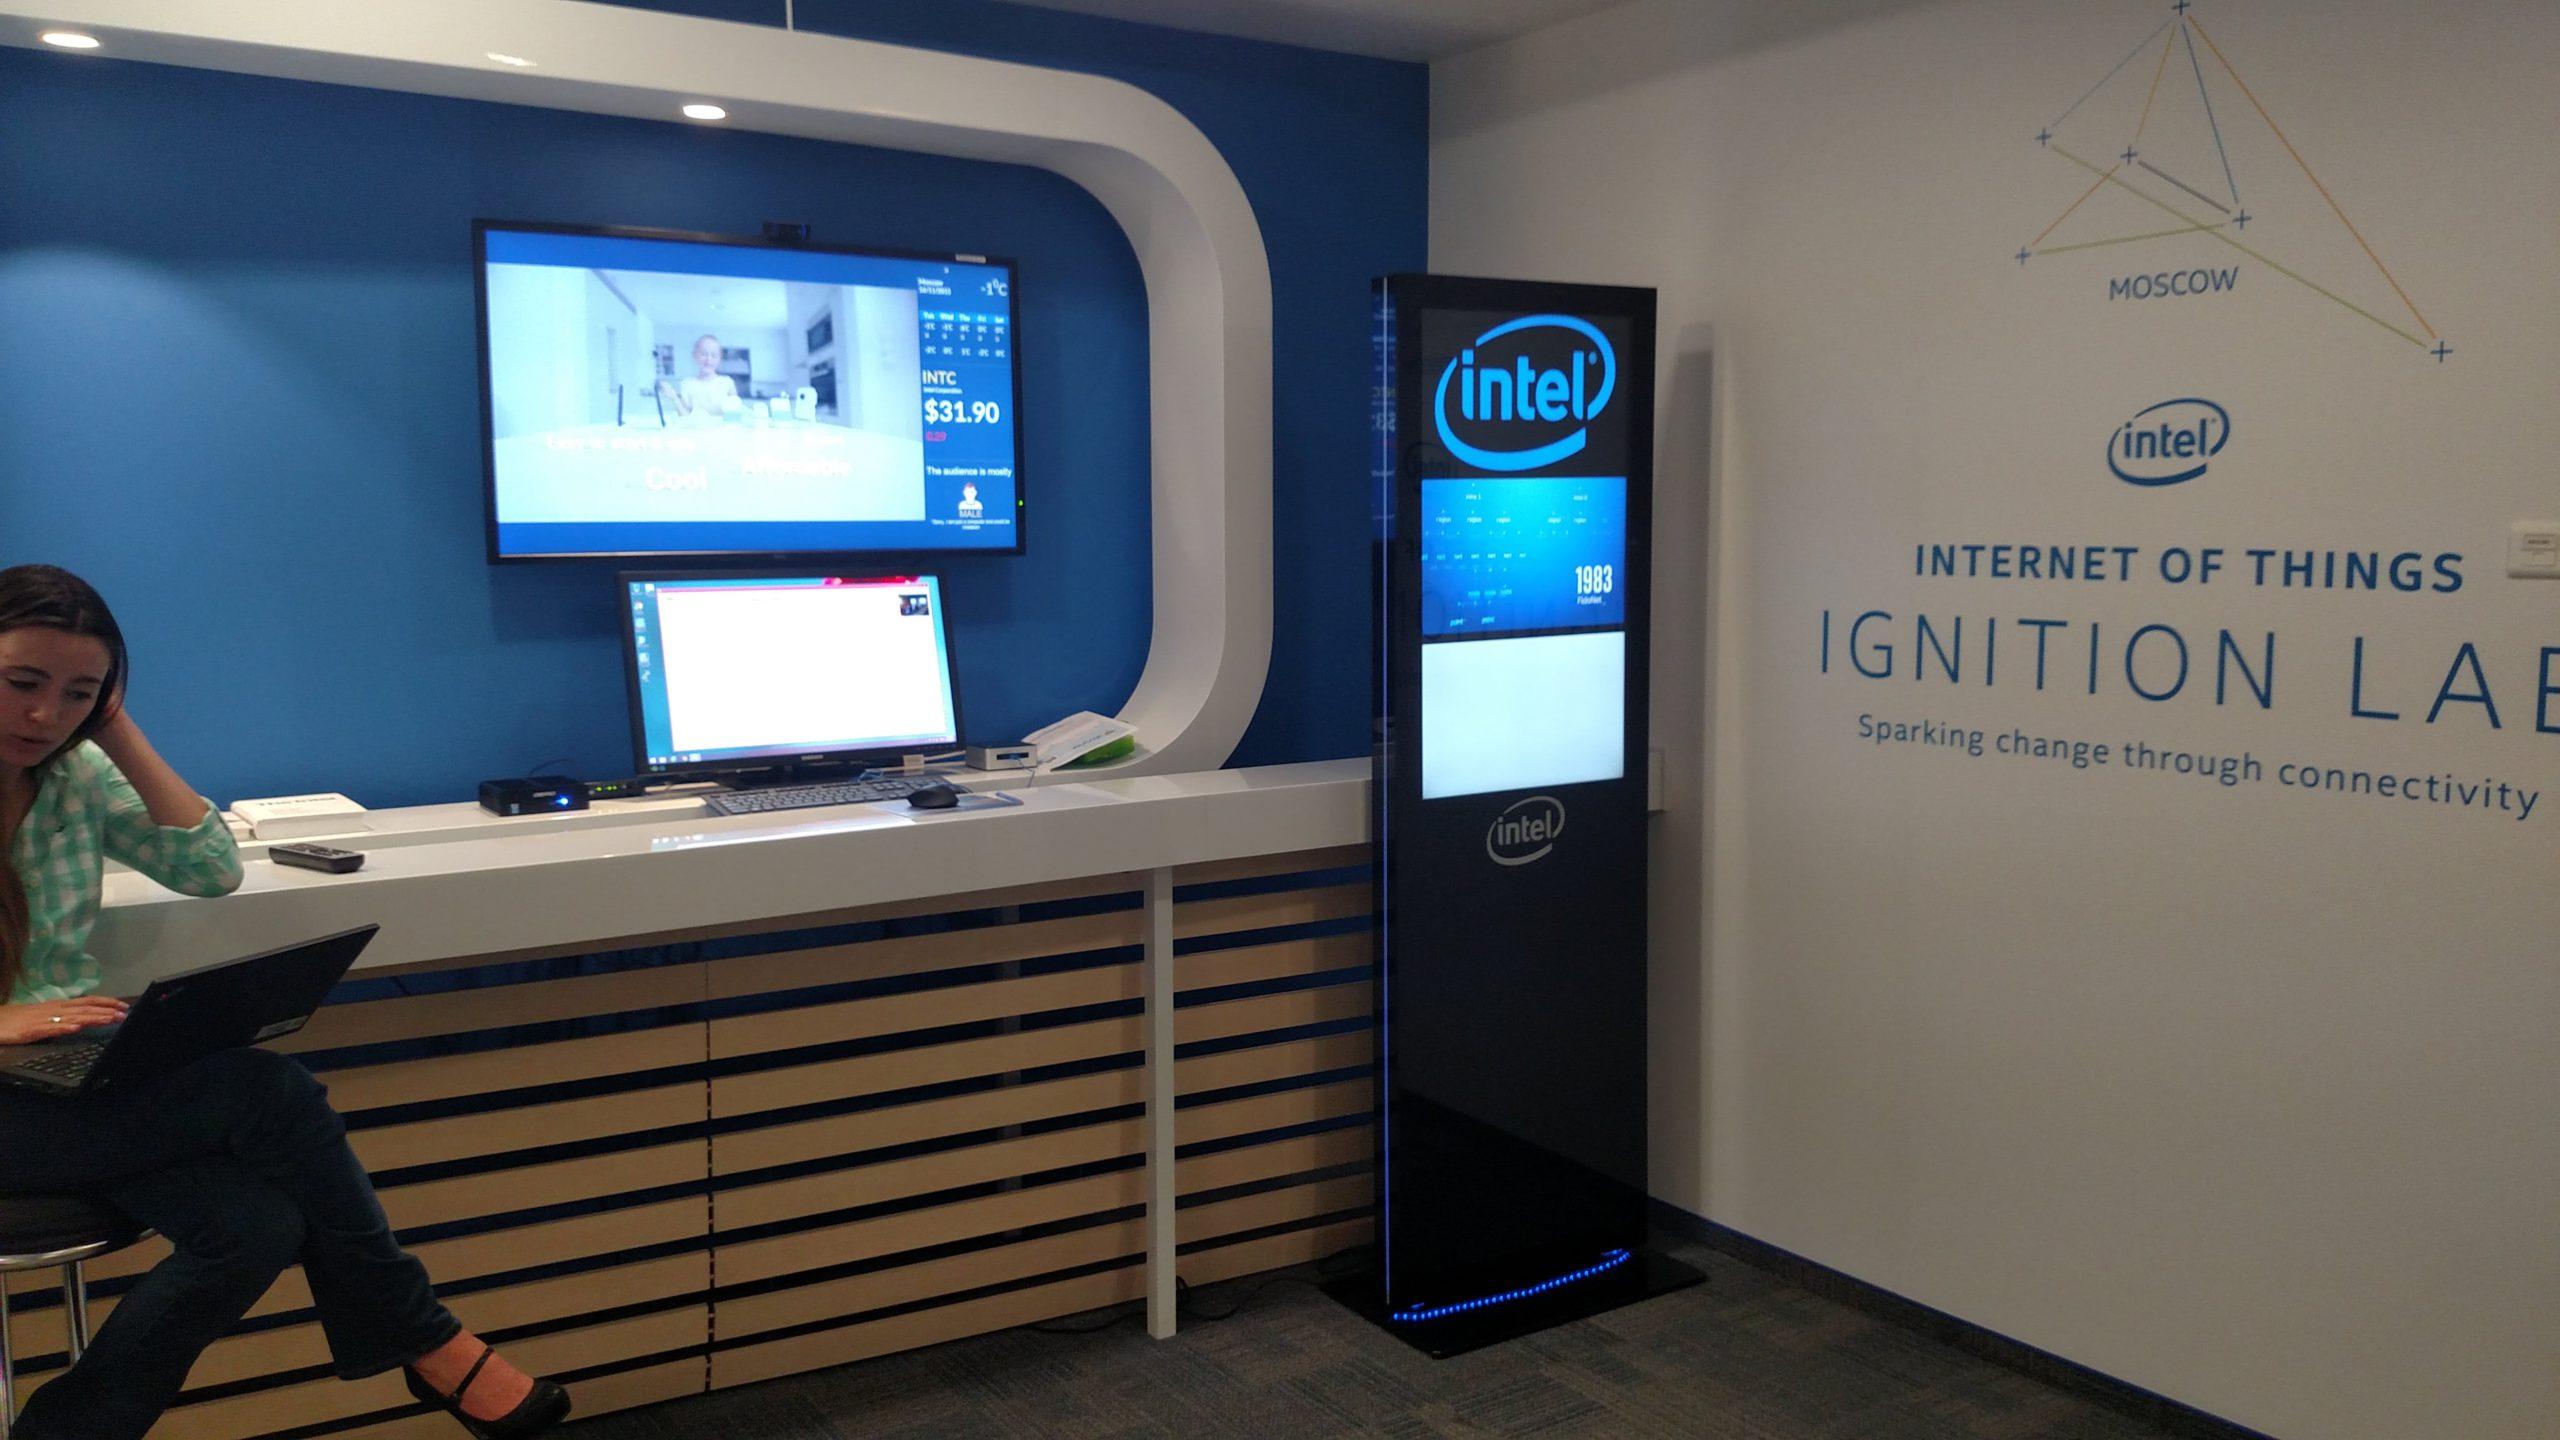 Рекламный киоск Smart Wall в лаборатории интернета вещей